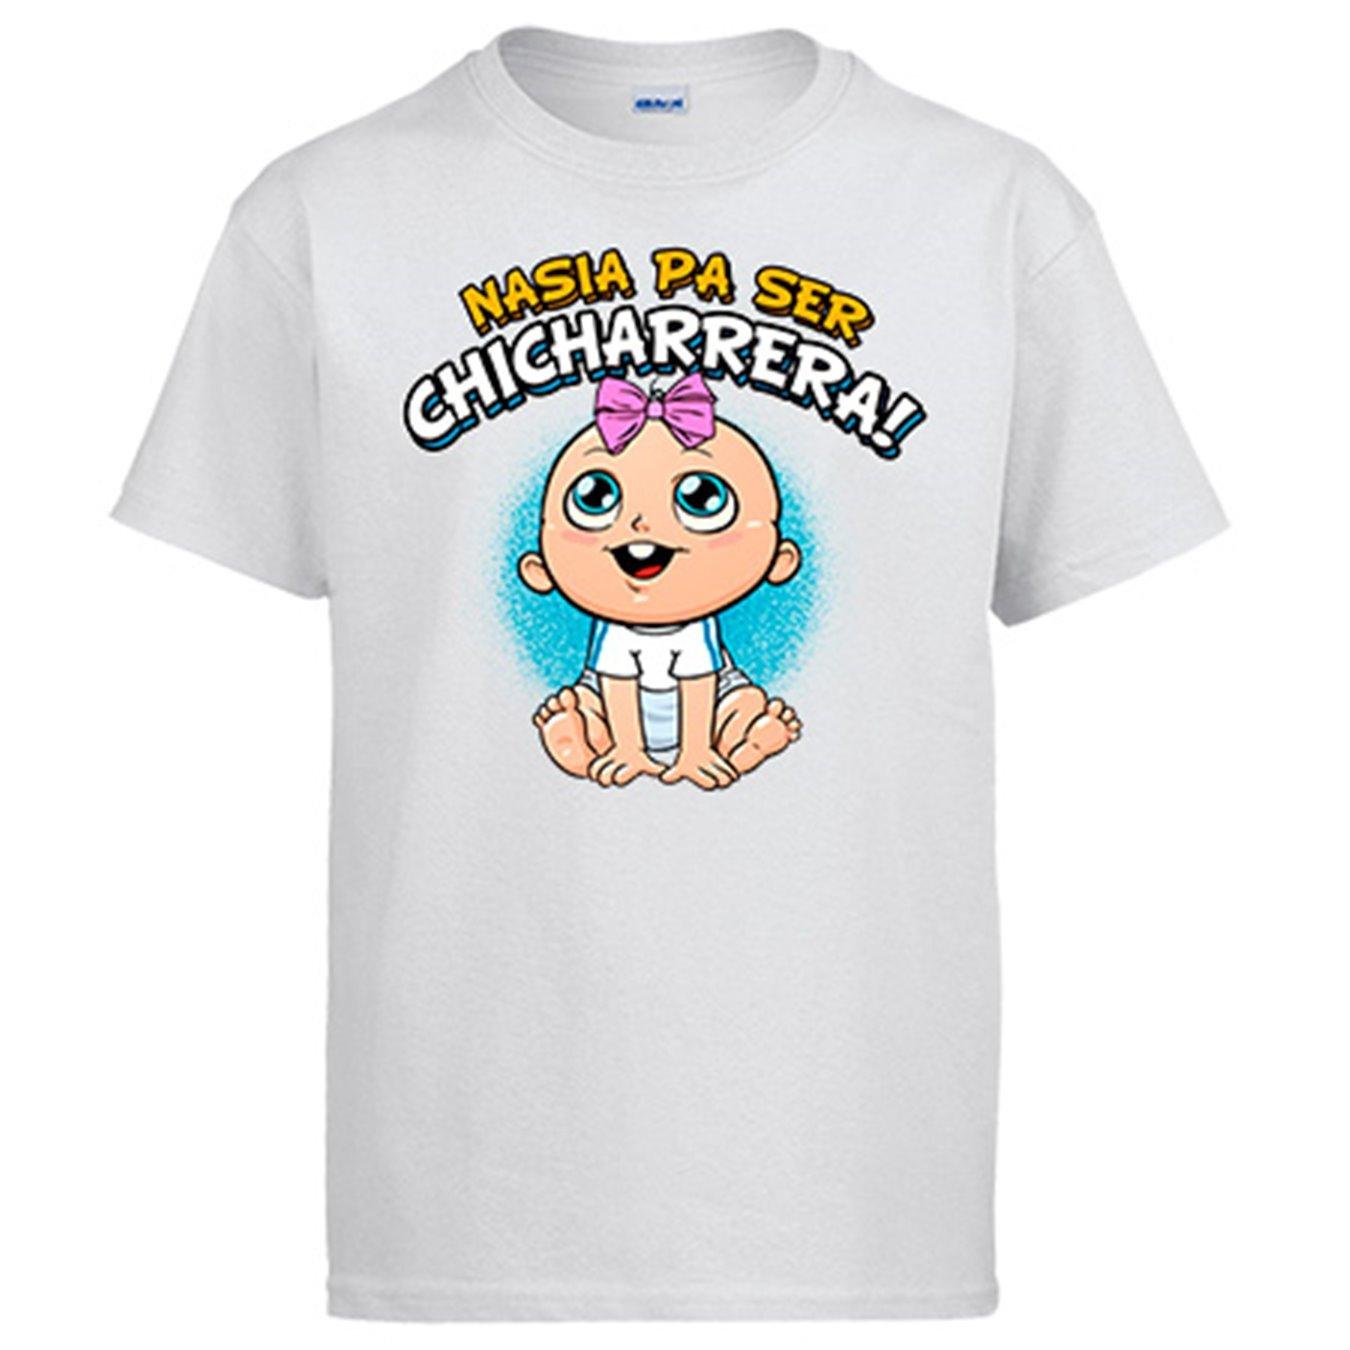 Camiseta nacida para ser Chicharrera Tenerife fútbol - Blanco, S: Amazon.es: Ropa y accesorios